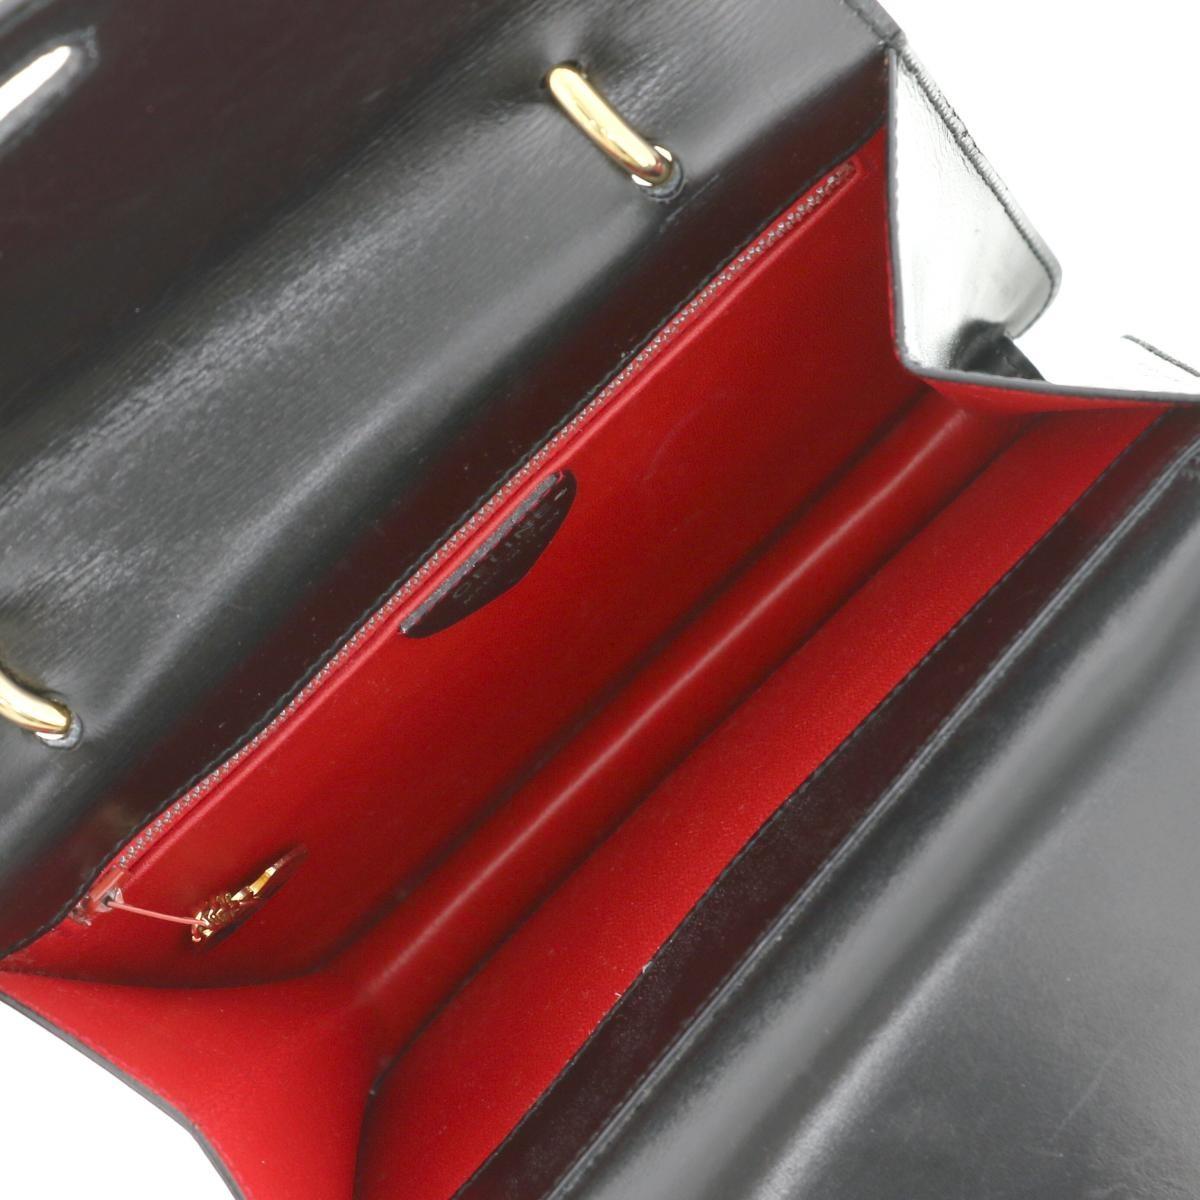 【中古】CELINE セリーヌ ダブルフラップヴィンテージ ハンドバッグ バッグ ハンドバッグ  Black/ブラック ゴールド オールドセリーヌ  used:B